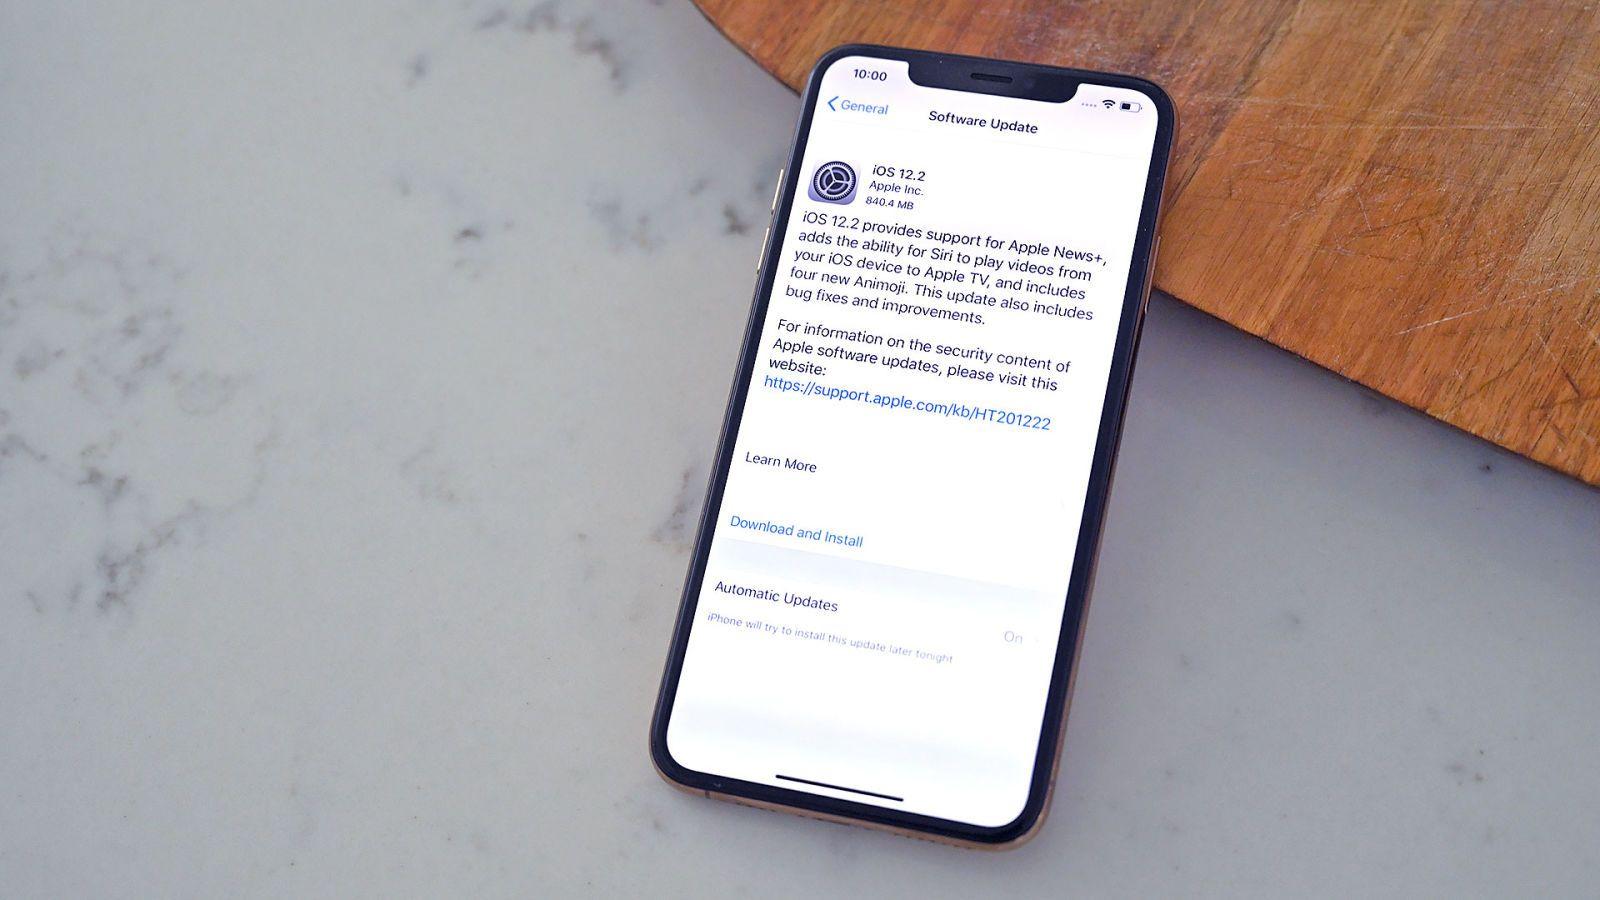 تعرف على ميزة البحث الجديدة في متصفح سفاري في تحديث Ios 12 2 Tv Services Diy Phone Case Fix It